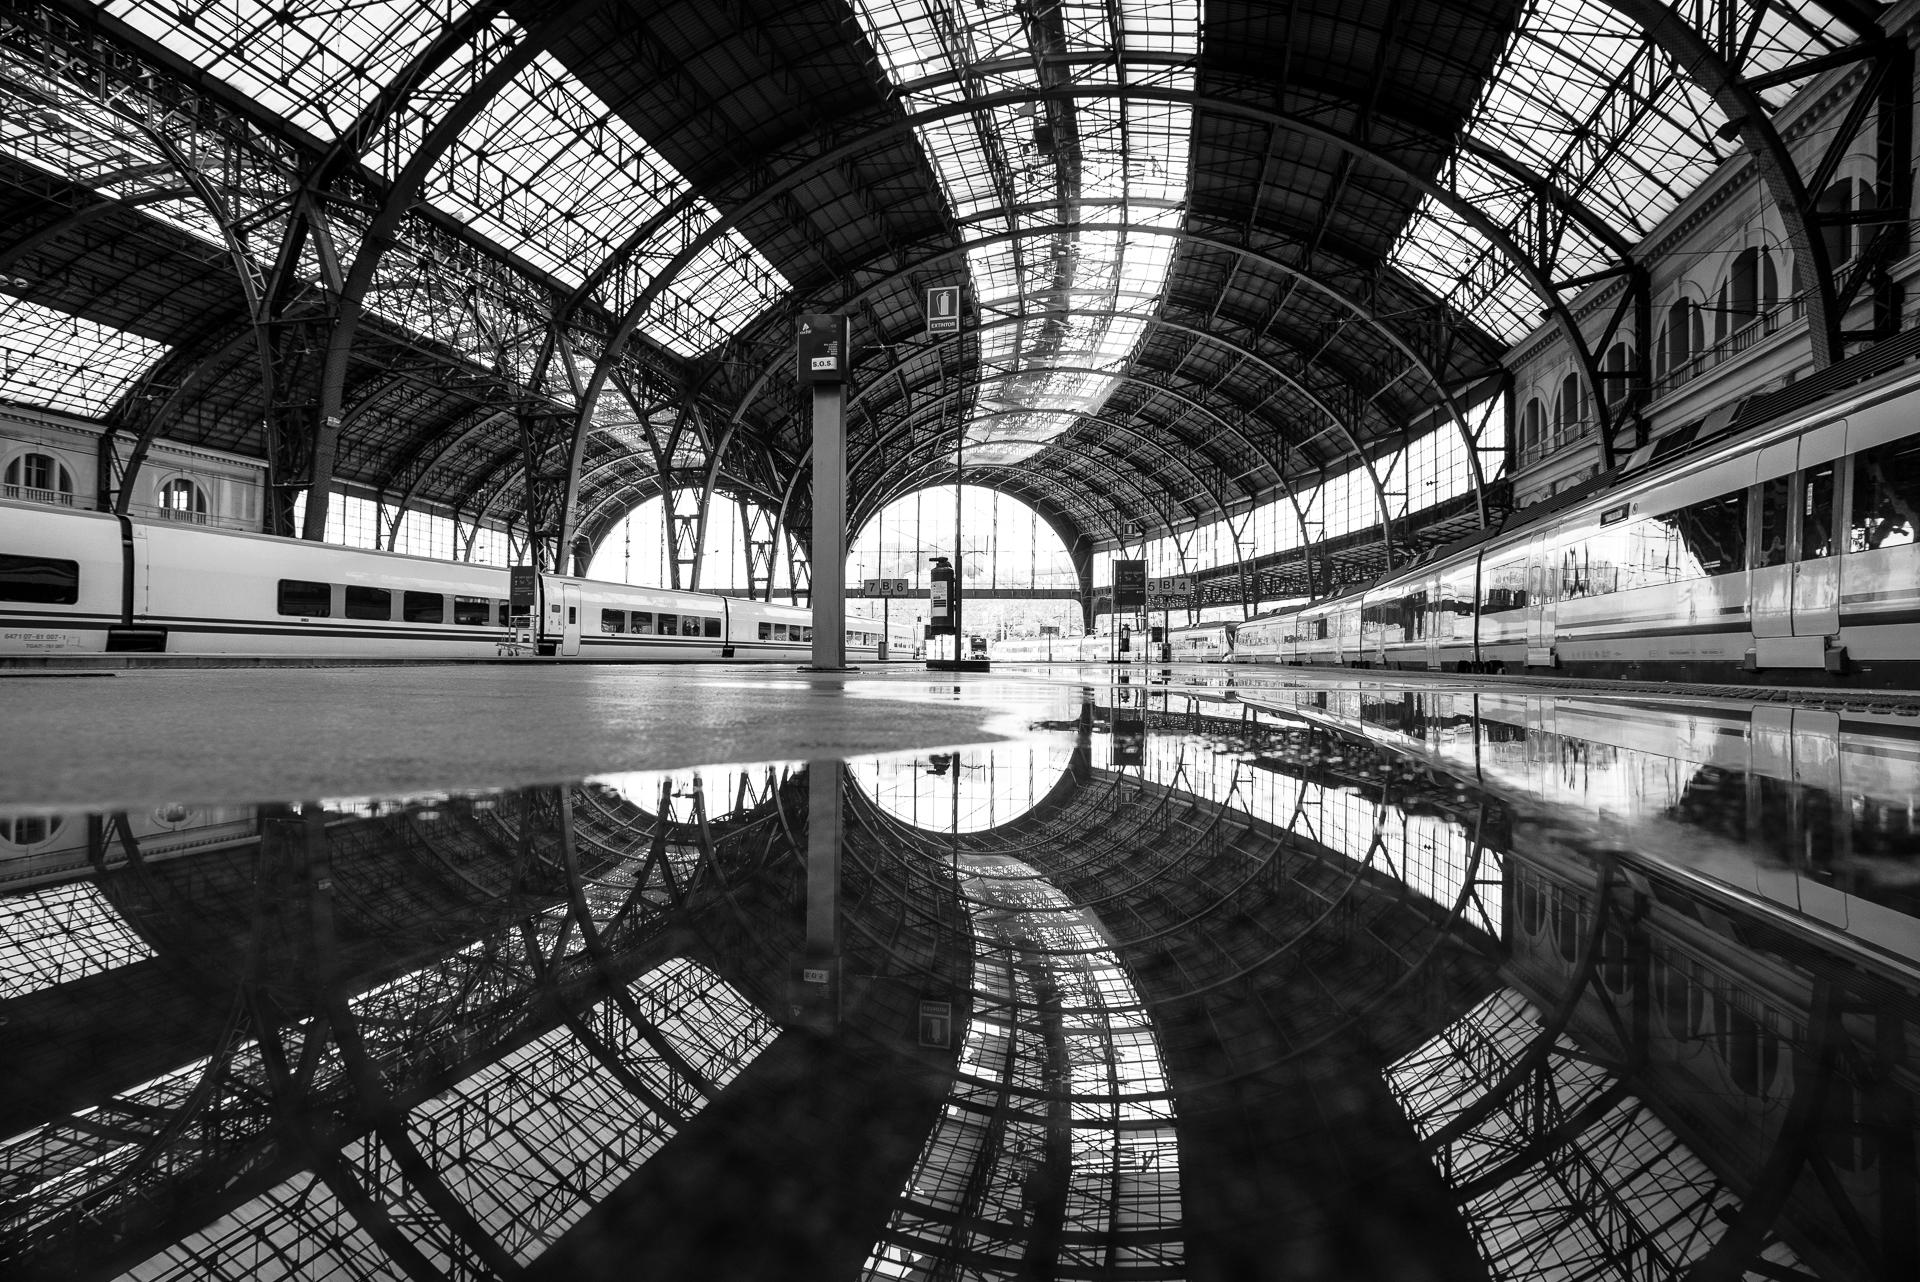 Estacion de Francia  PHOTOGRAPHY: Gauvin Lapetoule • Nikon D600 • Nikon Nikkor 20mm Ƒ/2.8 AF-D @ 1/200s • Ƒ/8 • ISO 800